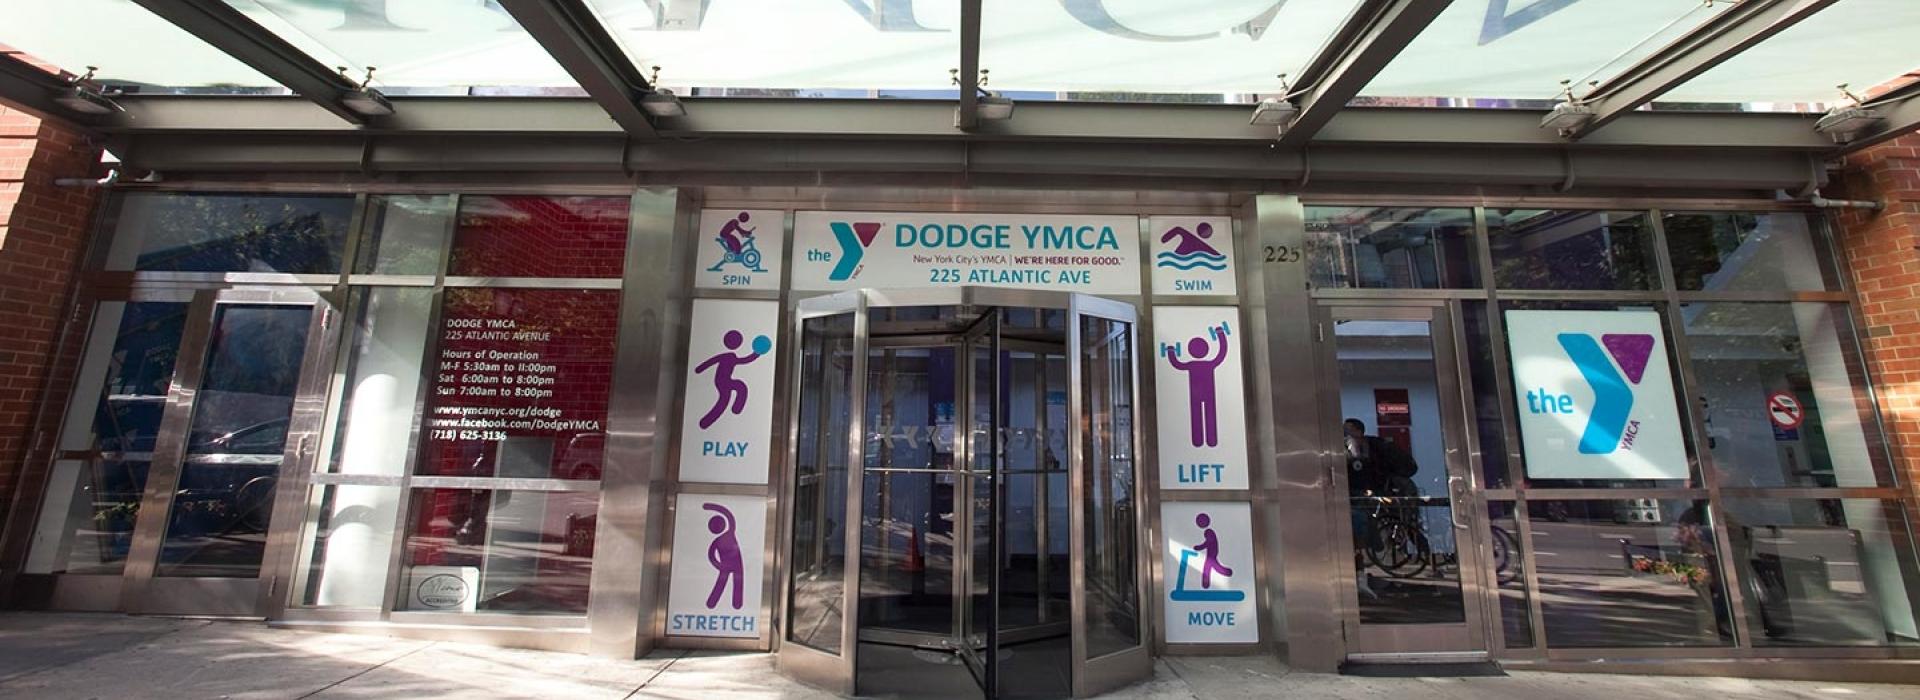 summer camp   dodge ymca safe affordable  fun  kids